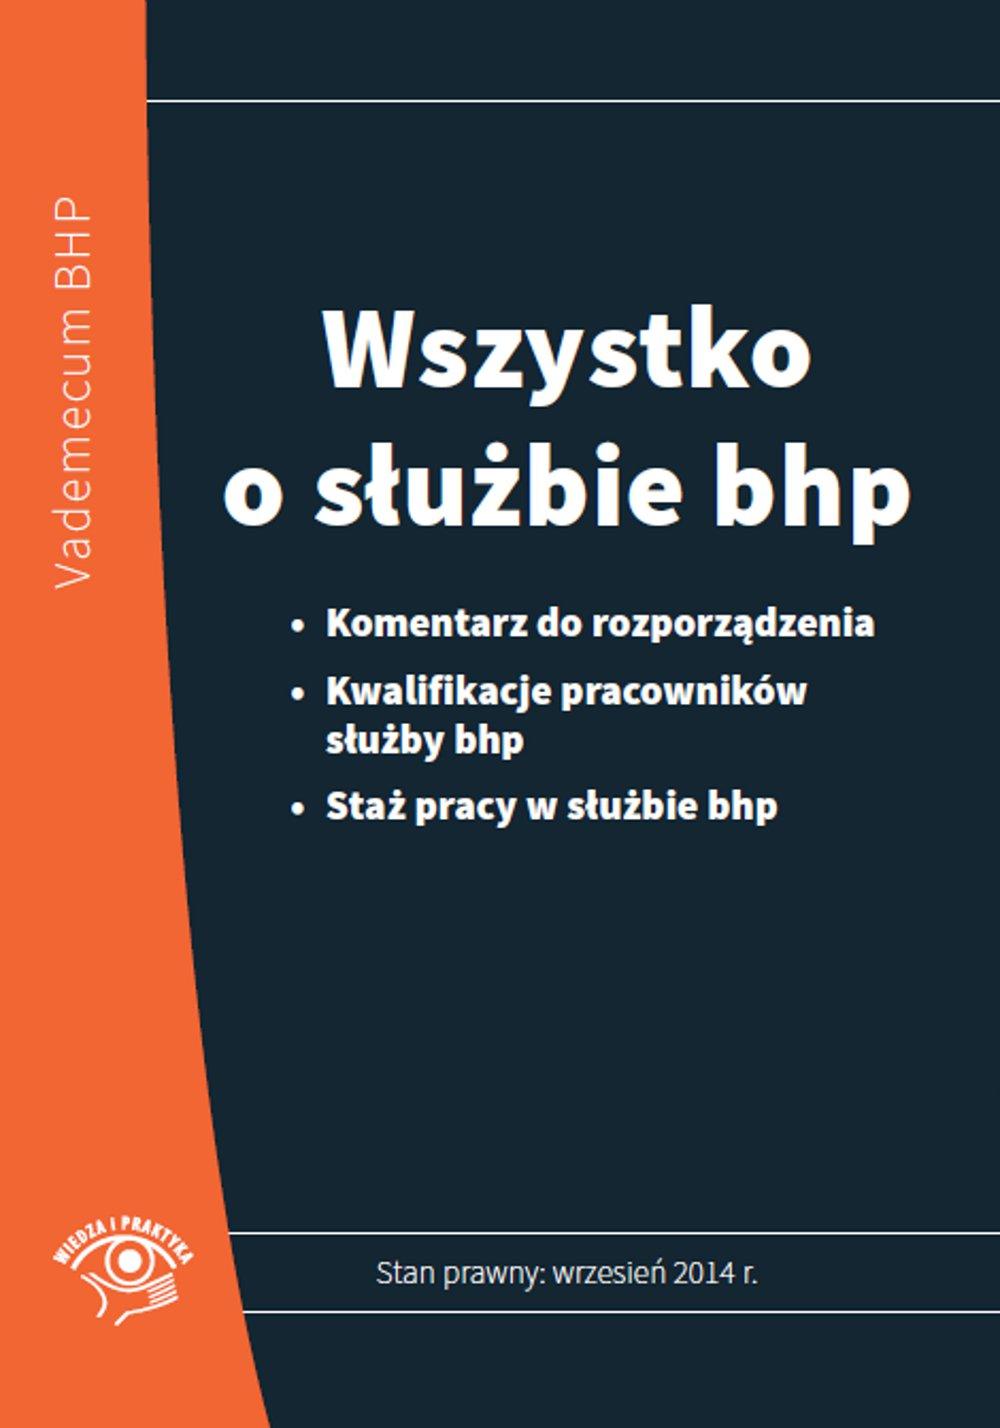 Wszystko o służbie bhp - Ebook (Książka PDF) do pobrania w formacie PDF